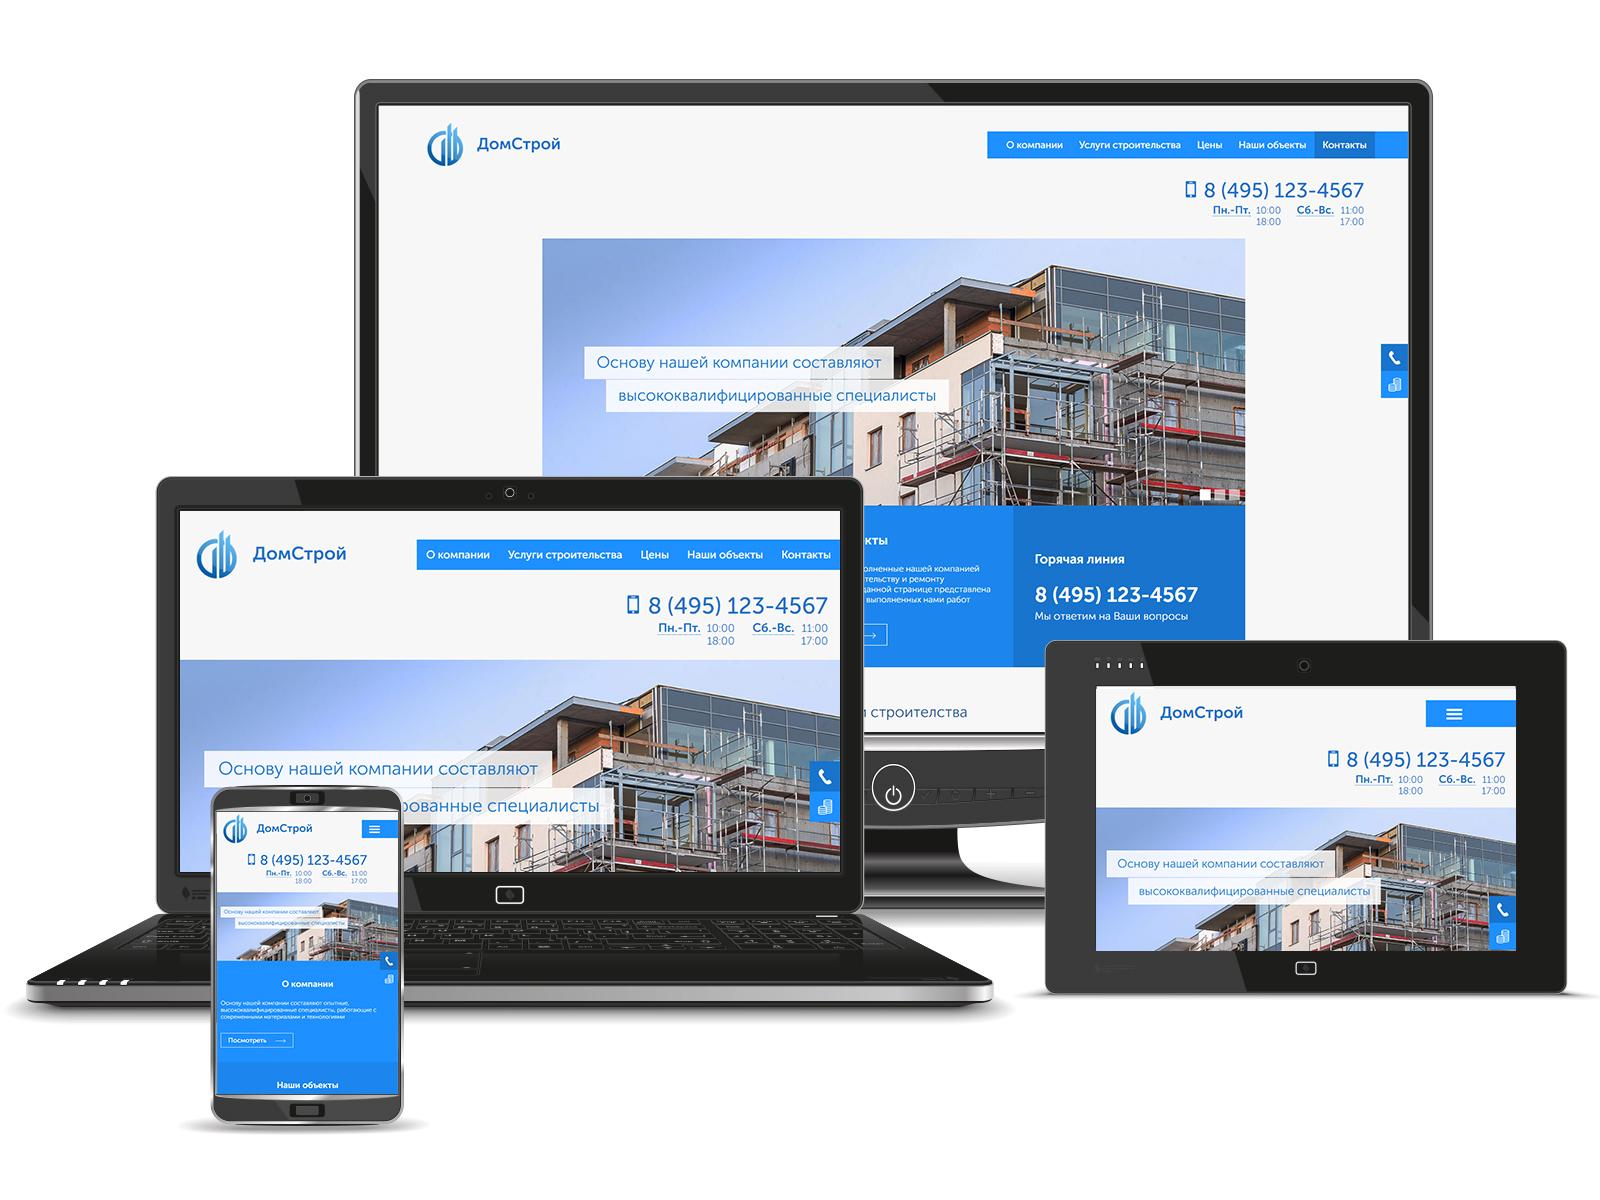 Корпоративный сайт компании в интернете webasyst создание сайтов